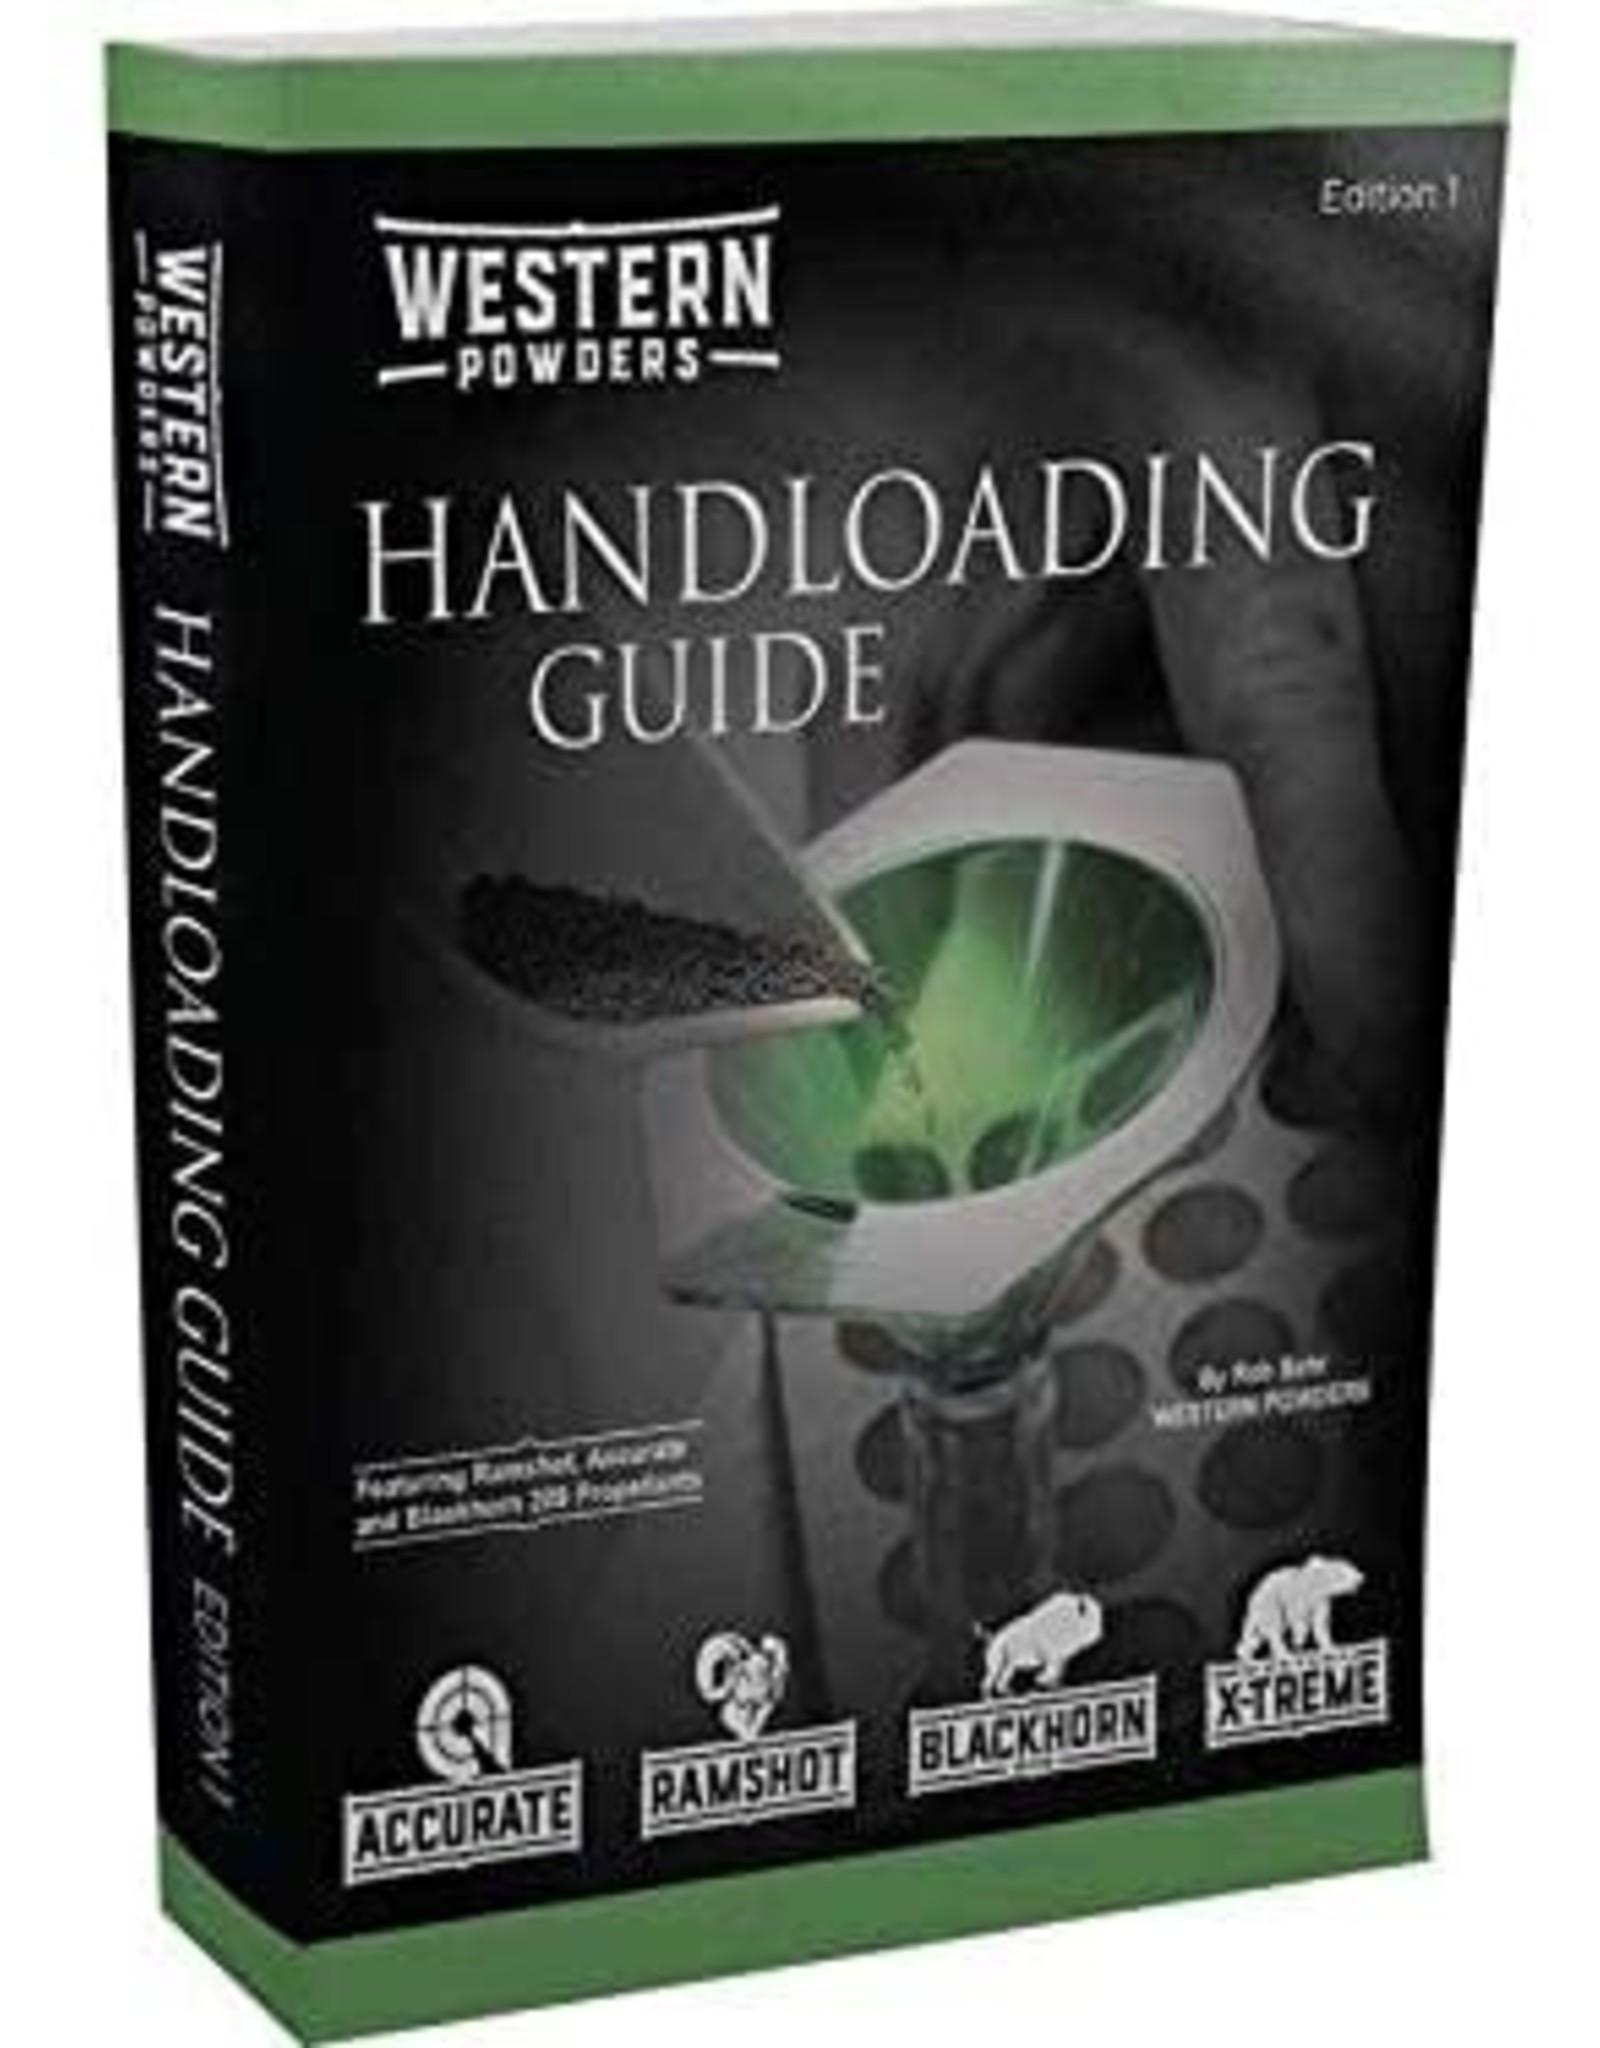 Western Powder Western Powder Handloading Guide - 1st Edition